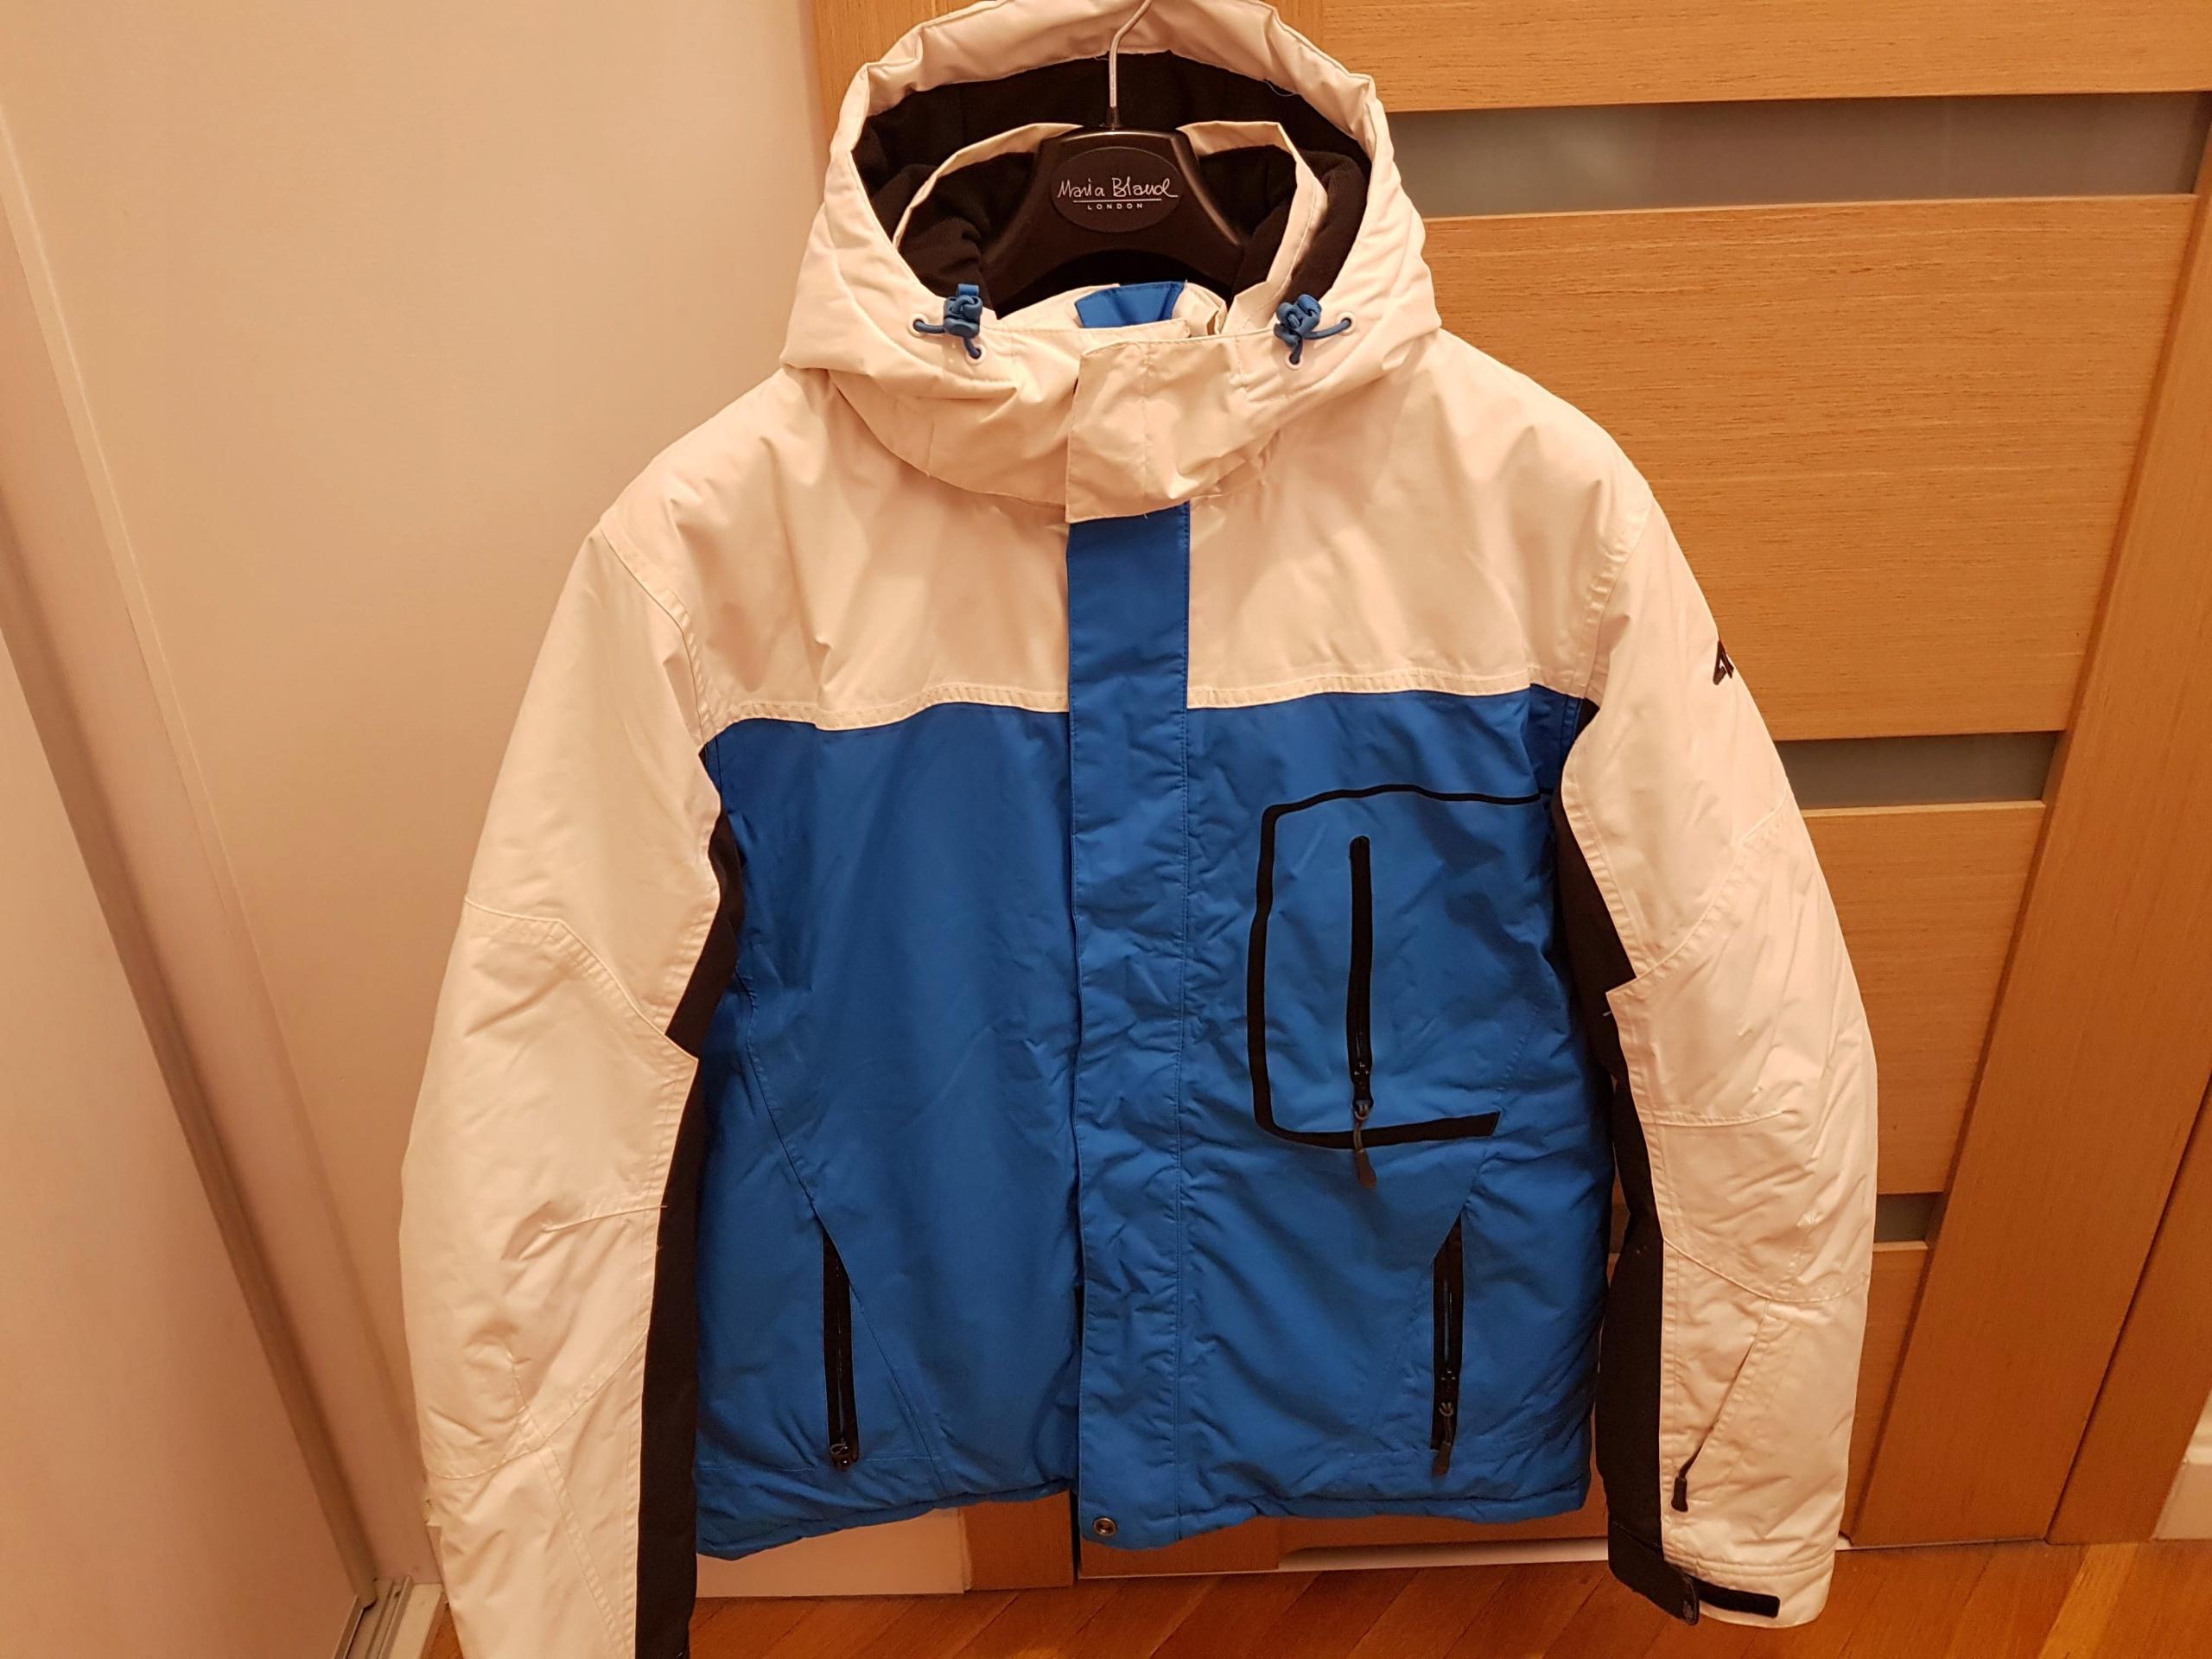 0e7b503533b7c 4F kurtka narciarska snowboard xl 5000 męska - 7710632533 ...